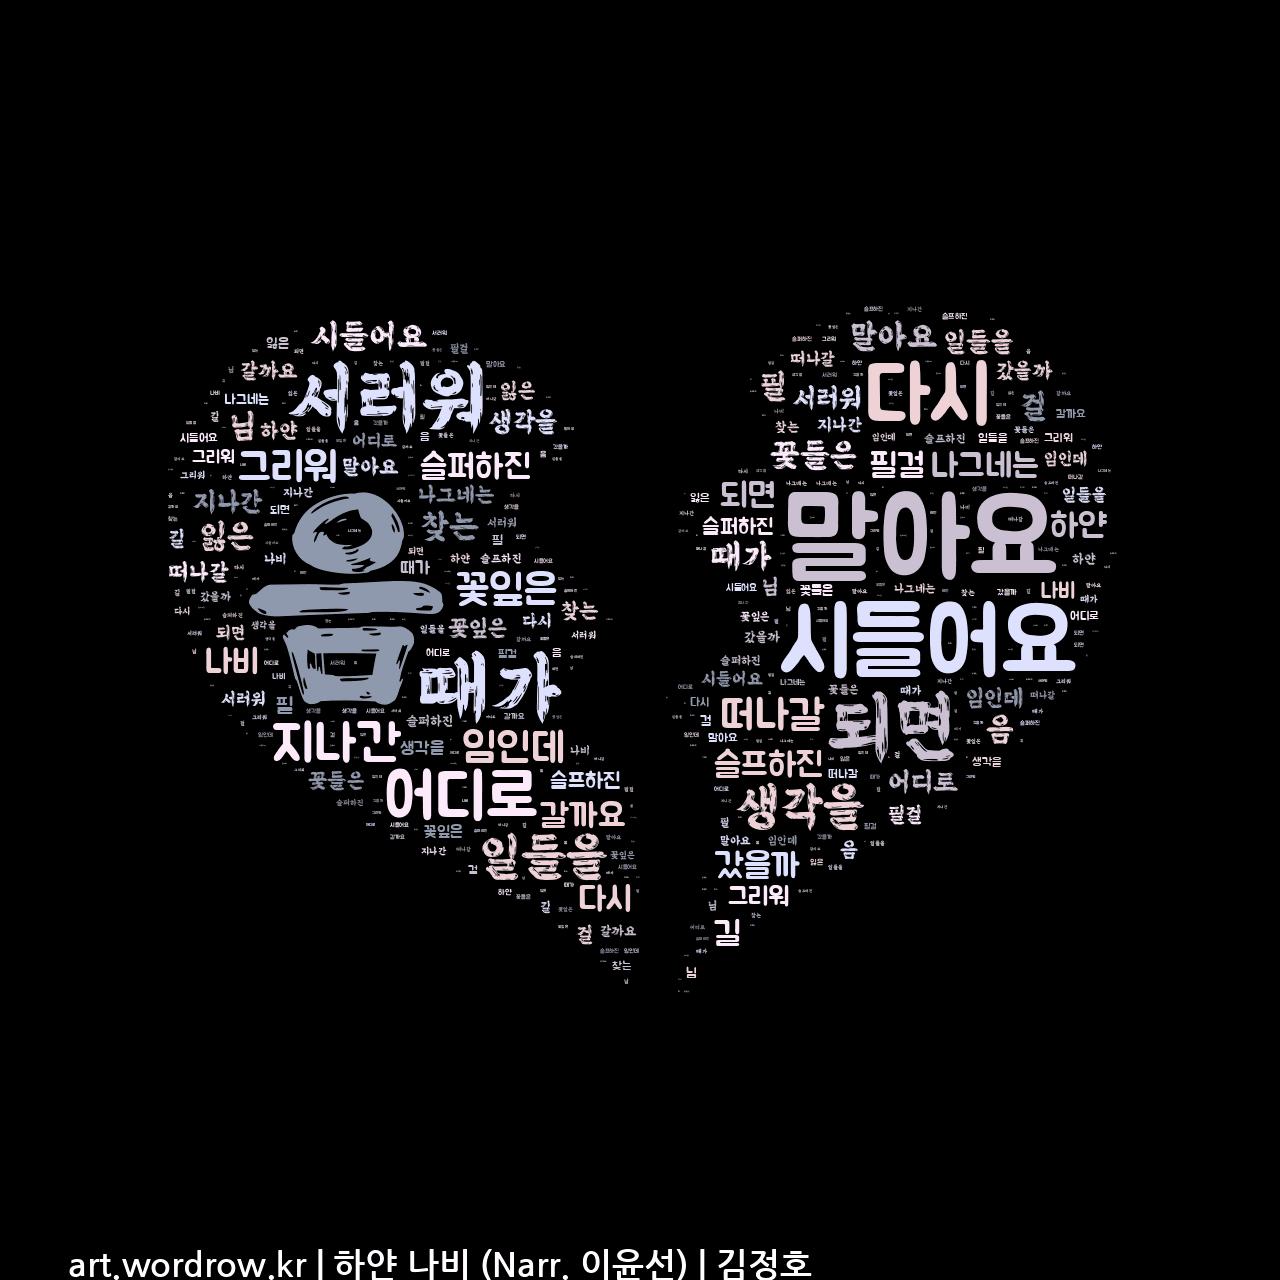 워드 아트: 하얀 나비 (Narr. 이윤선) [김정호]-8